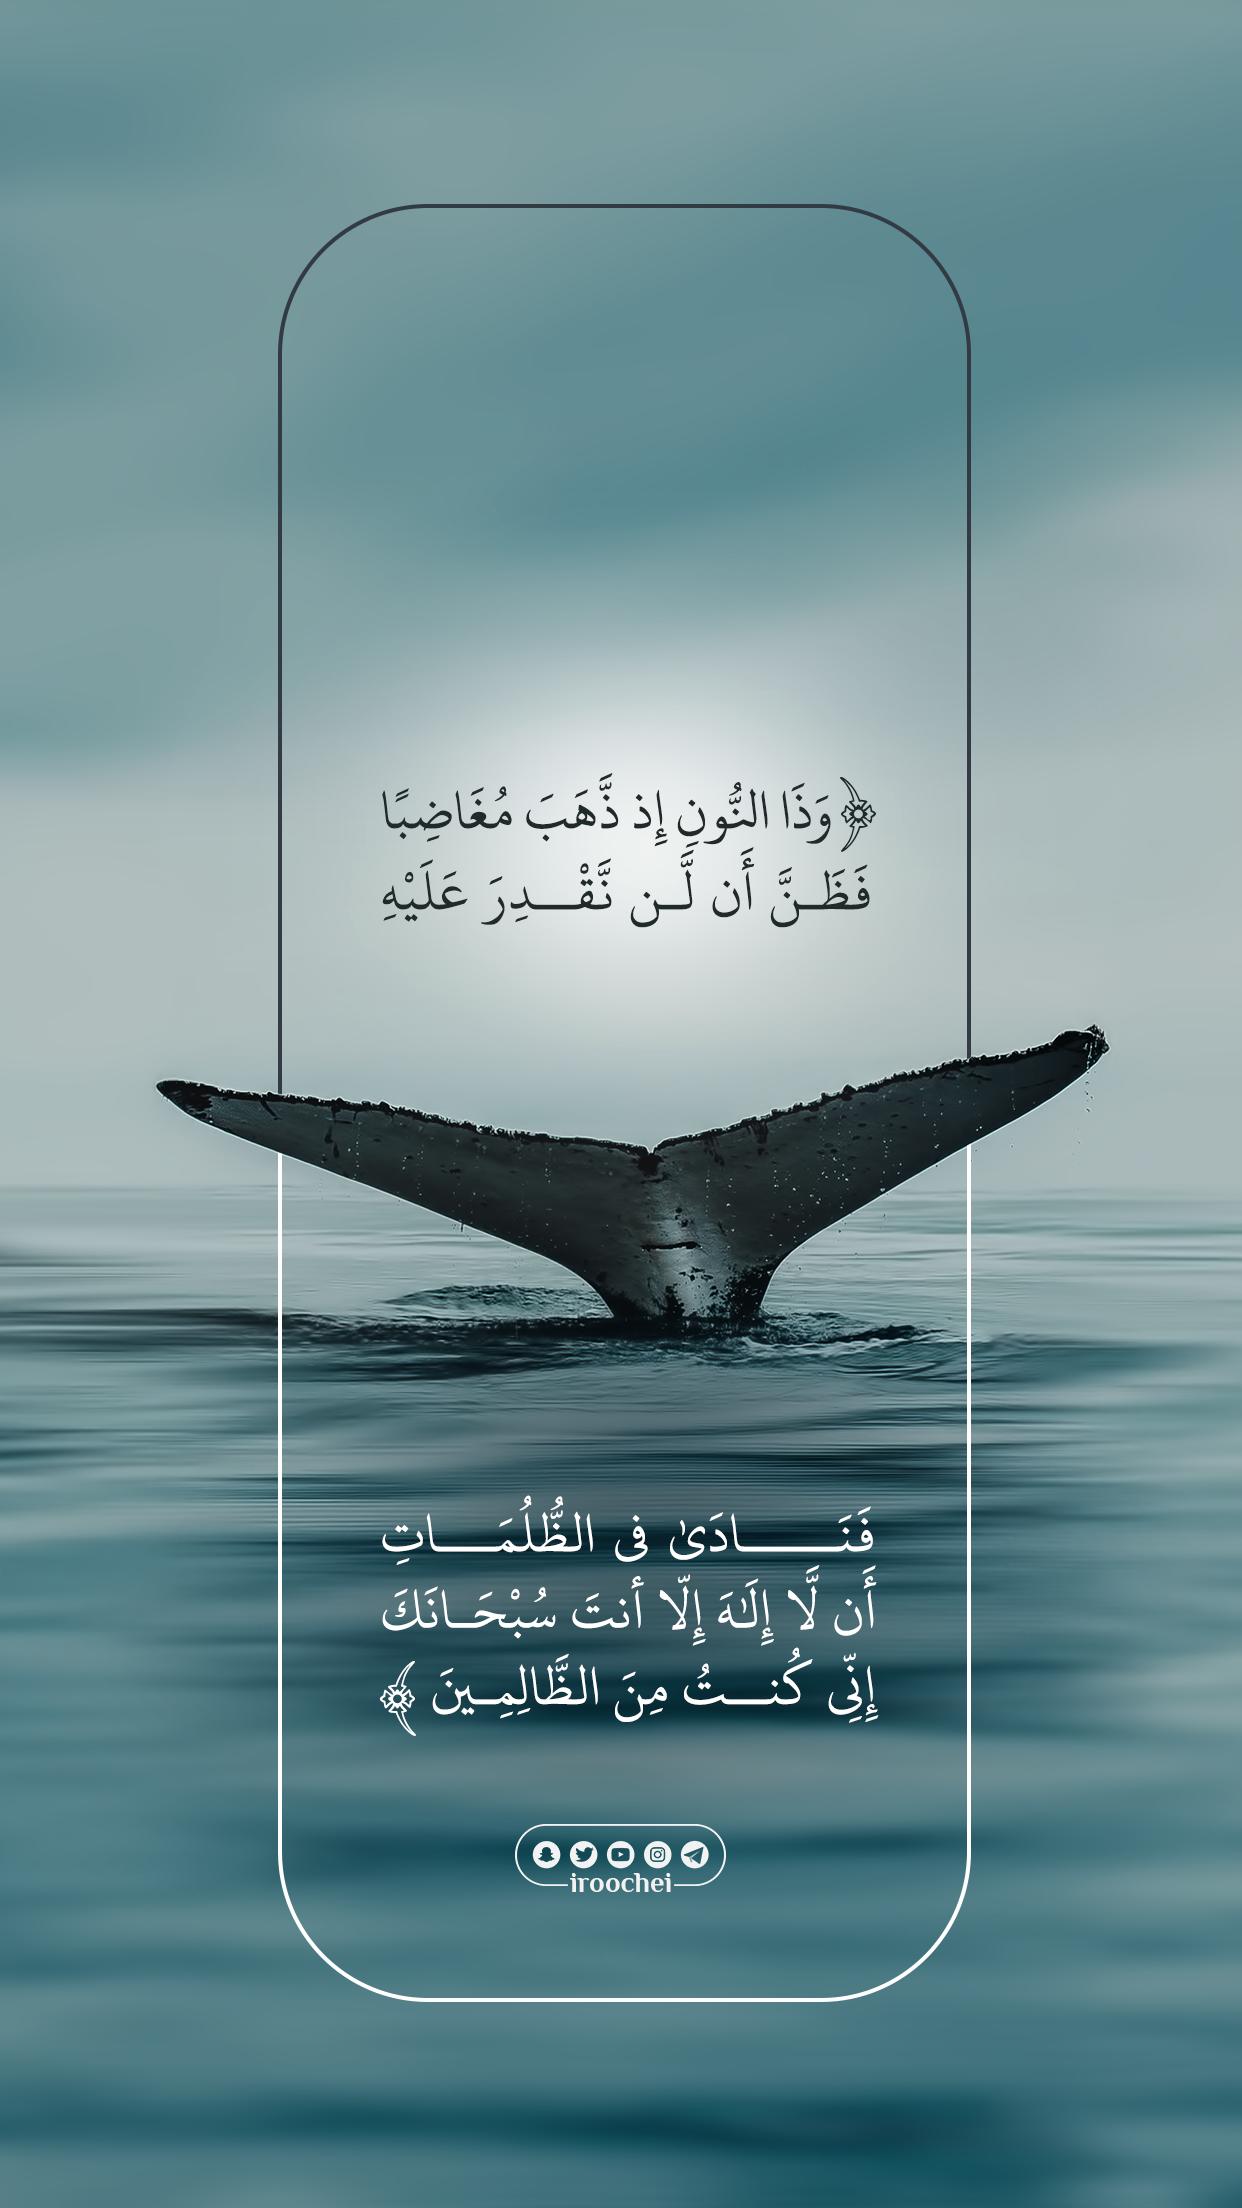 لا إله إلا أنت سبحانك إني كنت من الظالمين Quran Quotes Love Quran Recitation Quran Quotes Inspirational